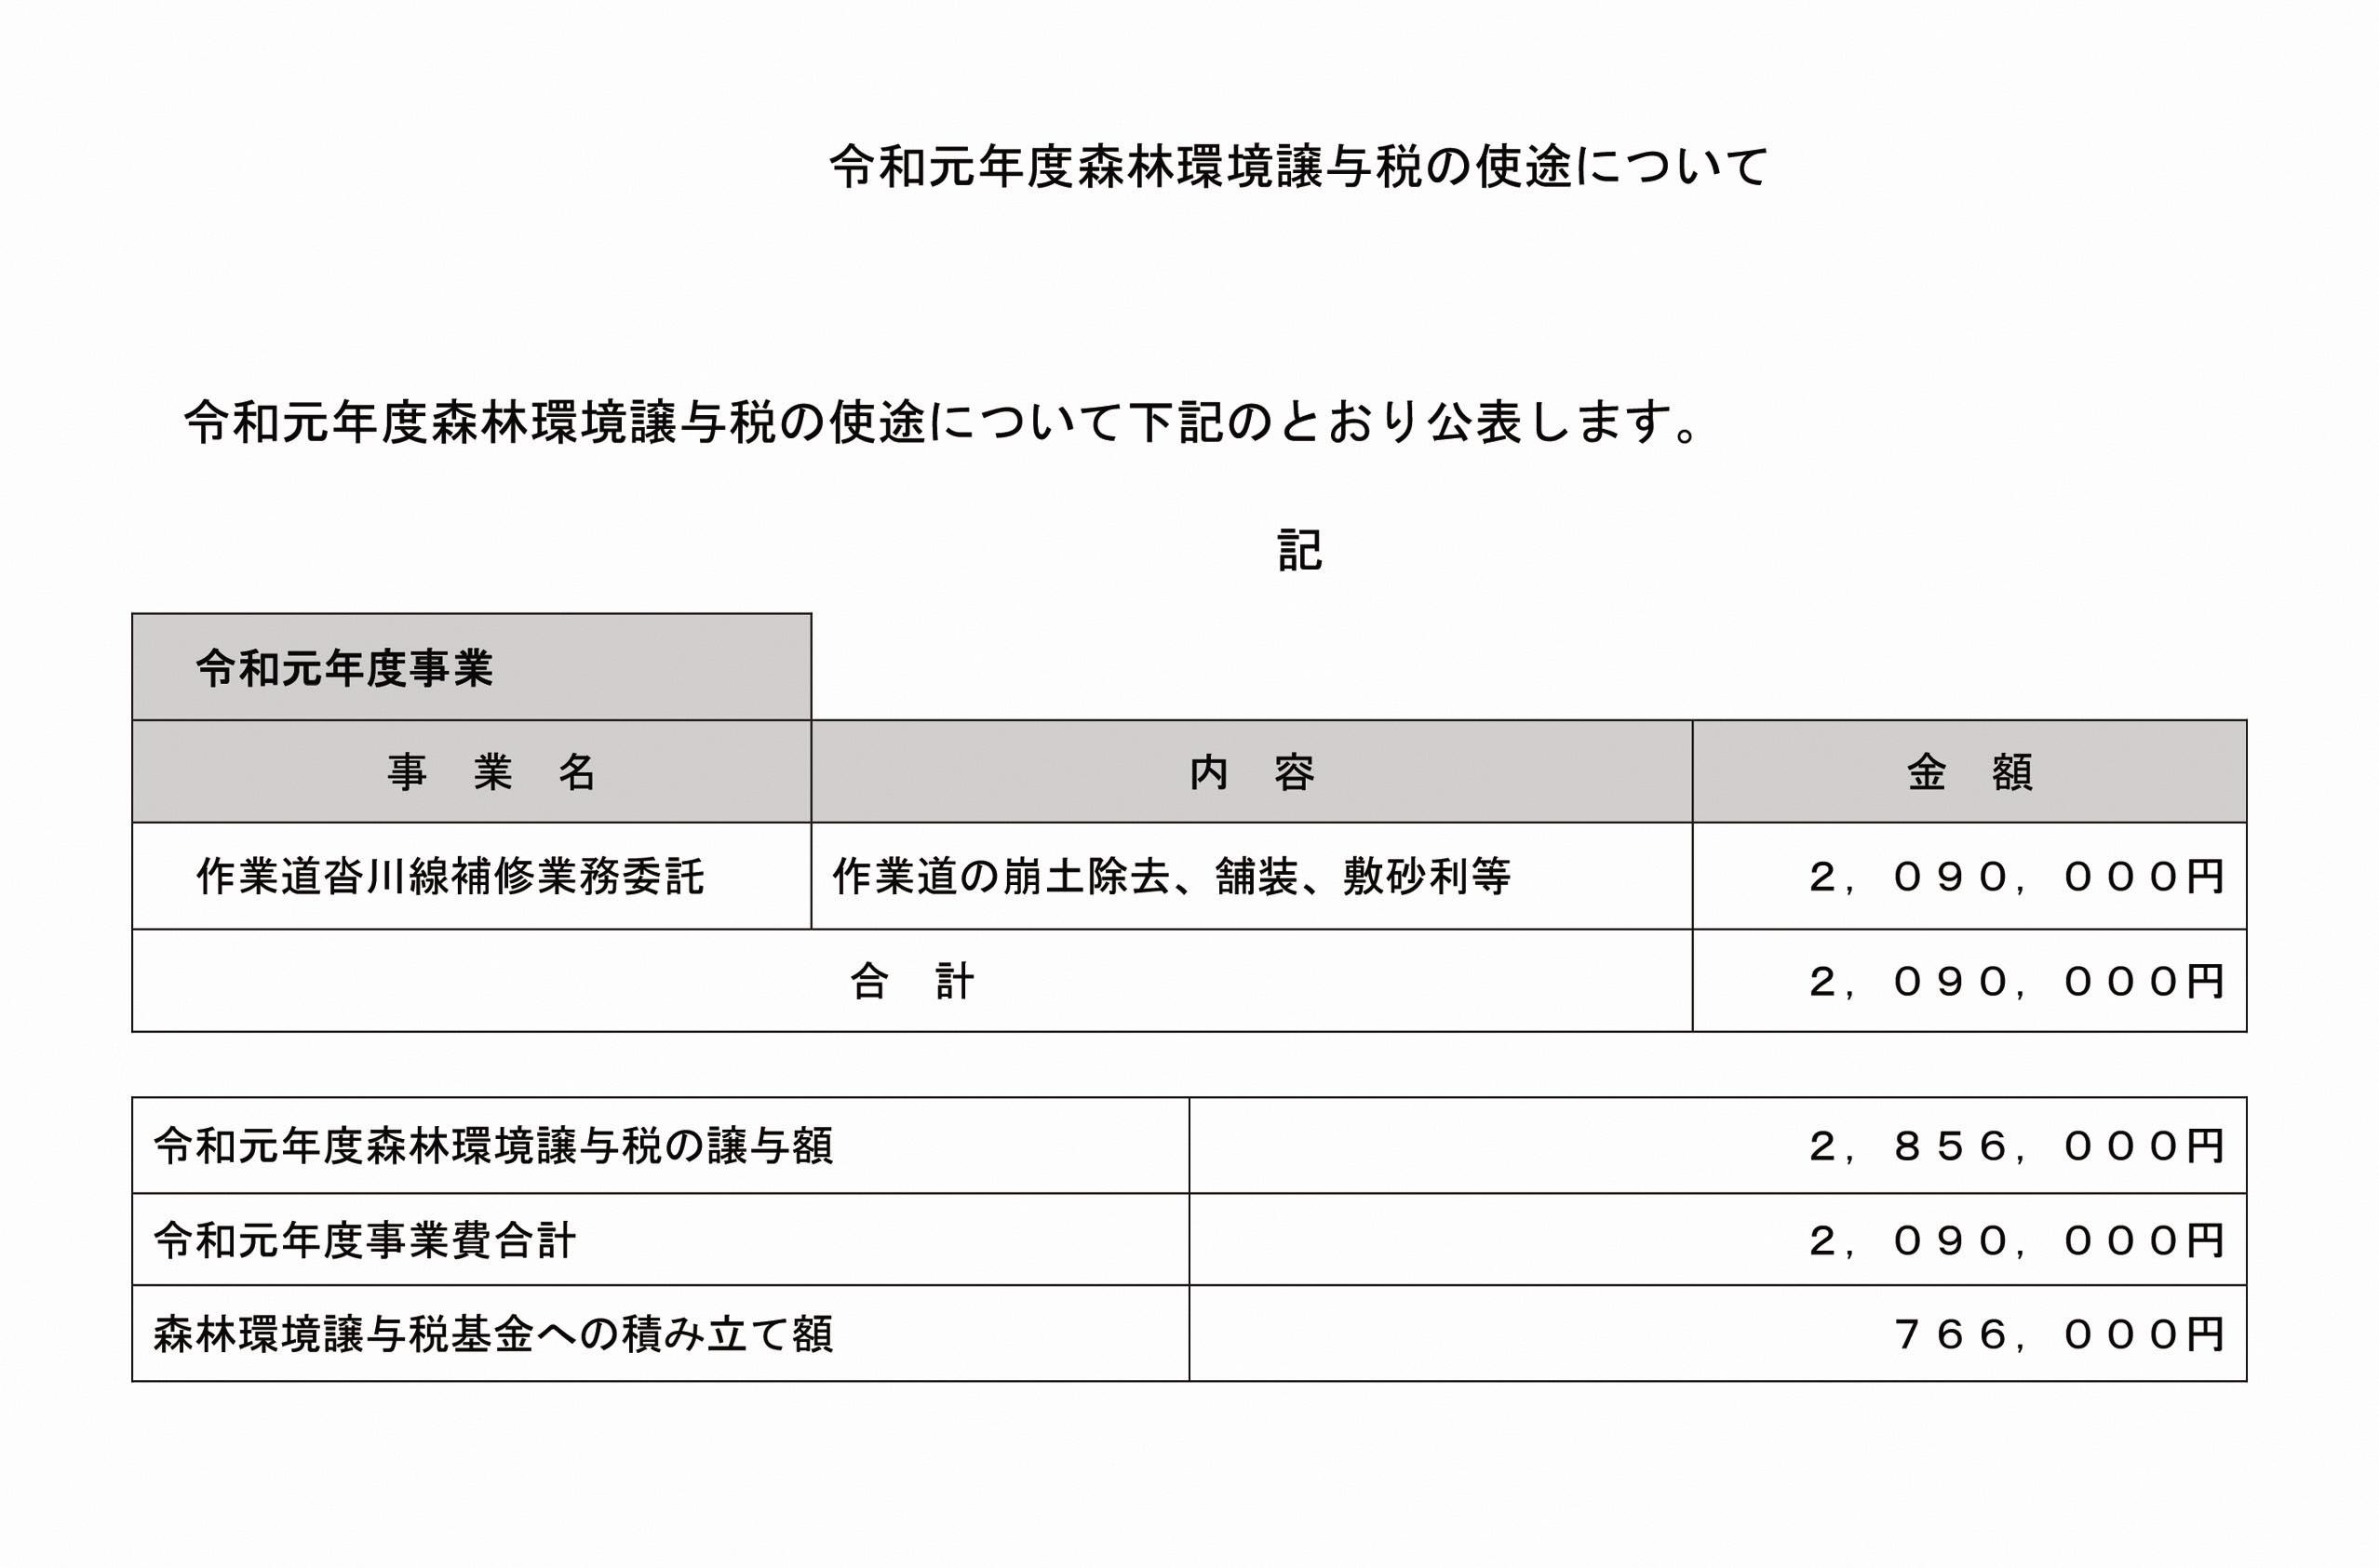 01-1令和元年度森林環境譲与税の使途